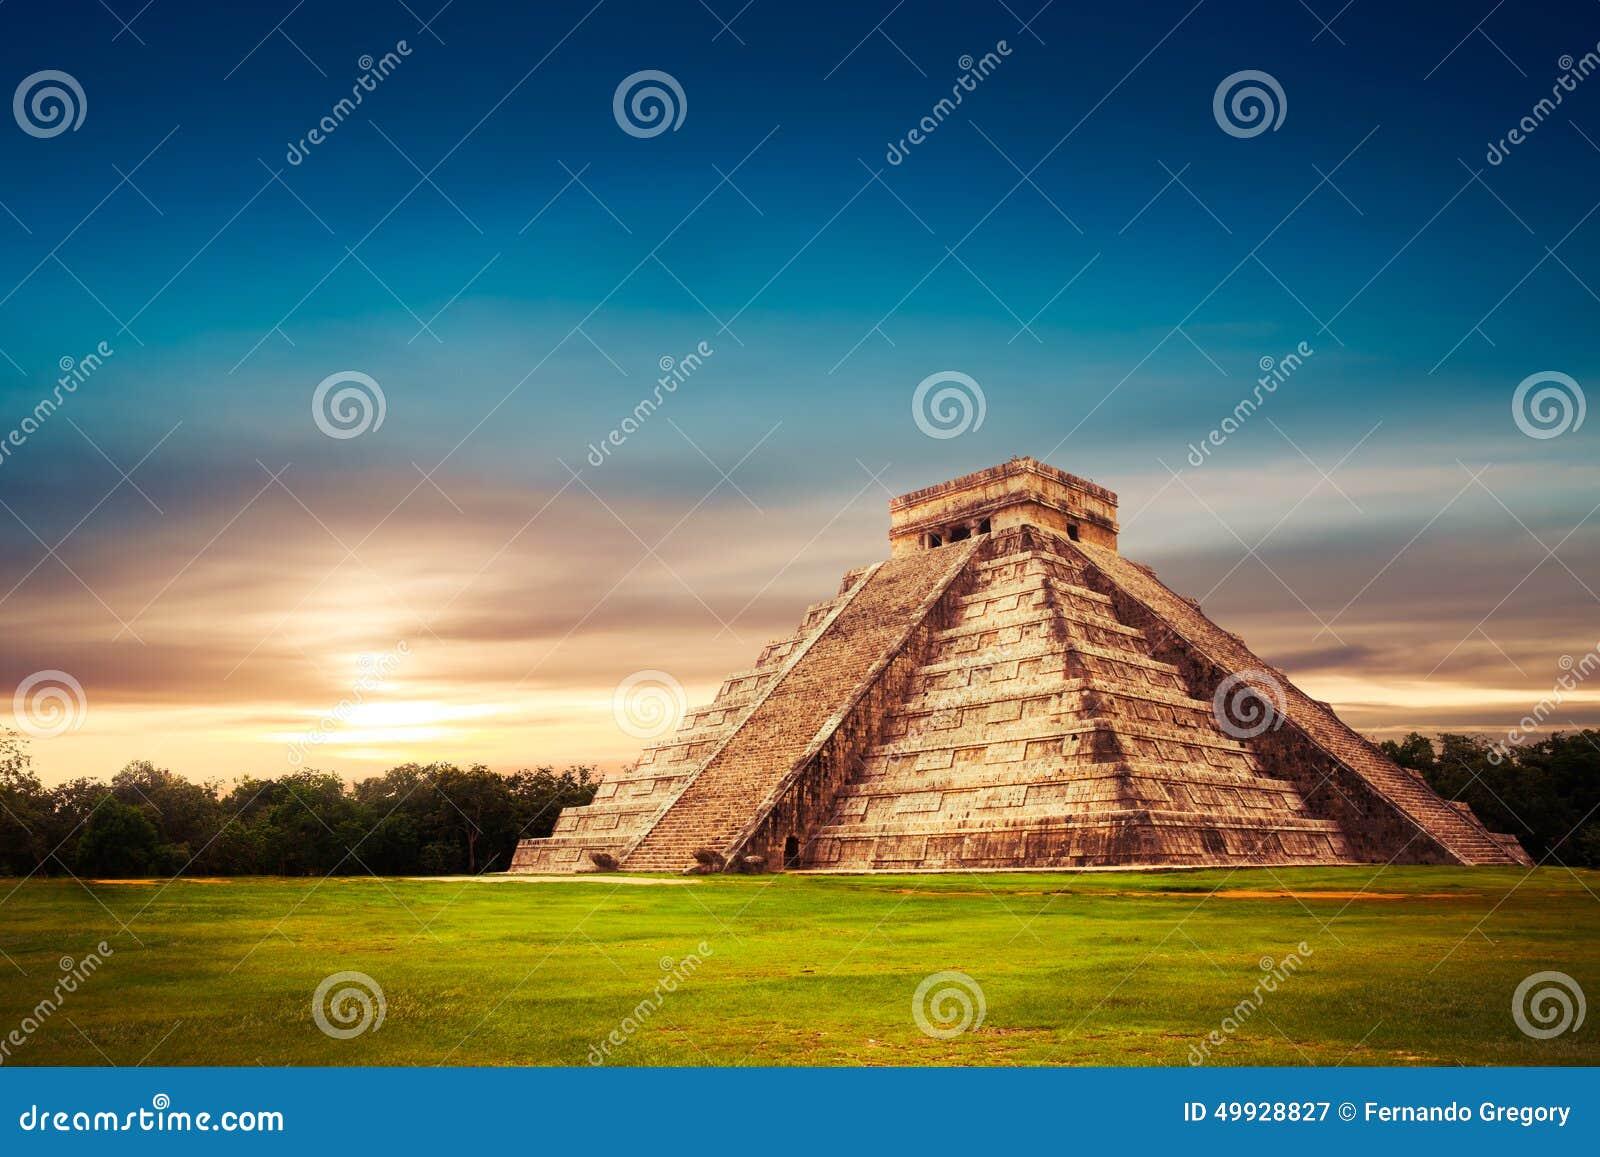 Pirâmide de El Castillo em Chichen Itza, Iucatão, México